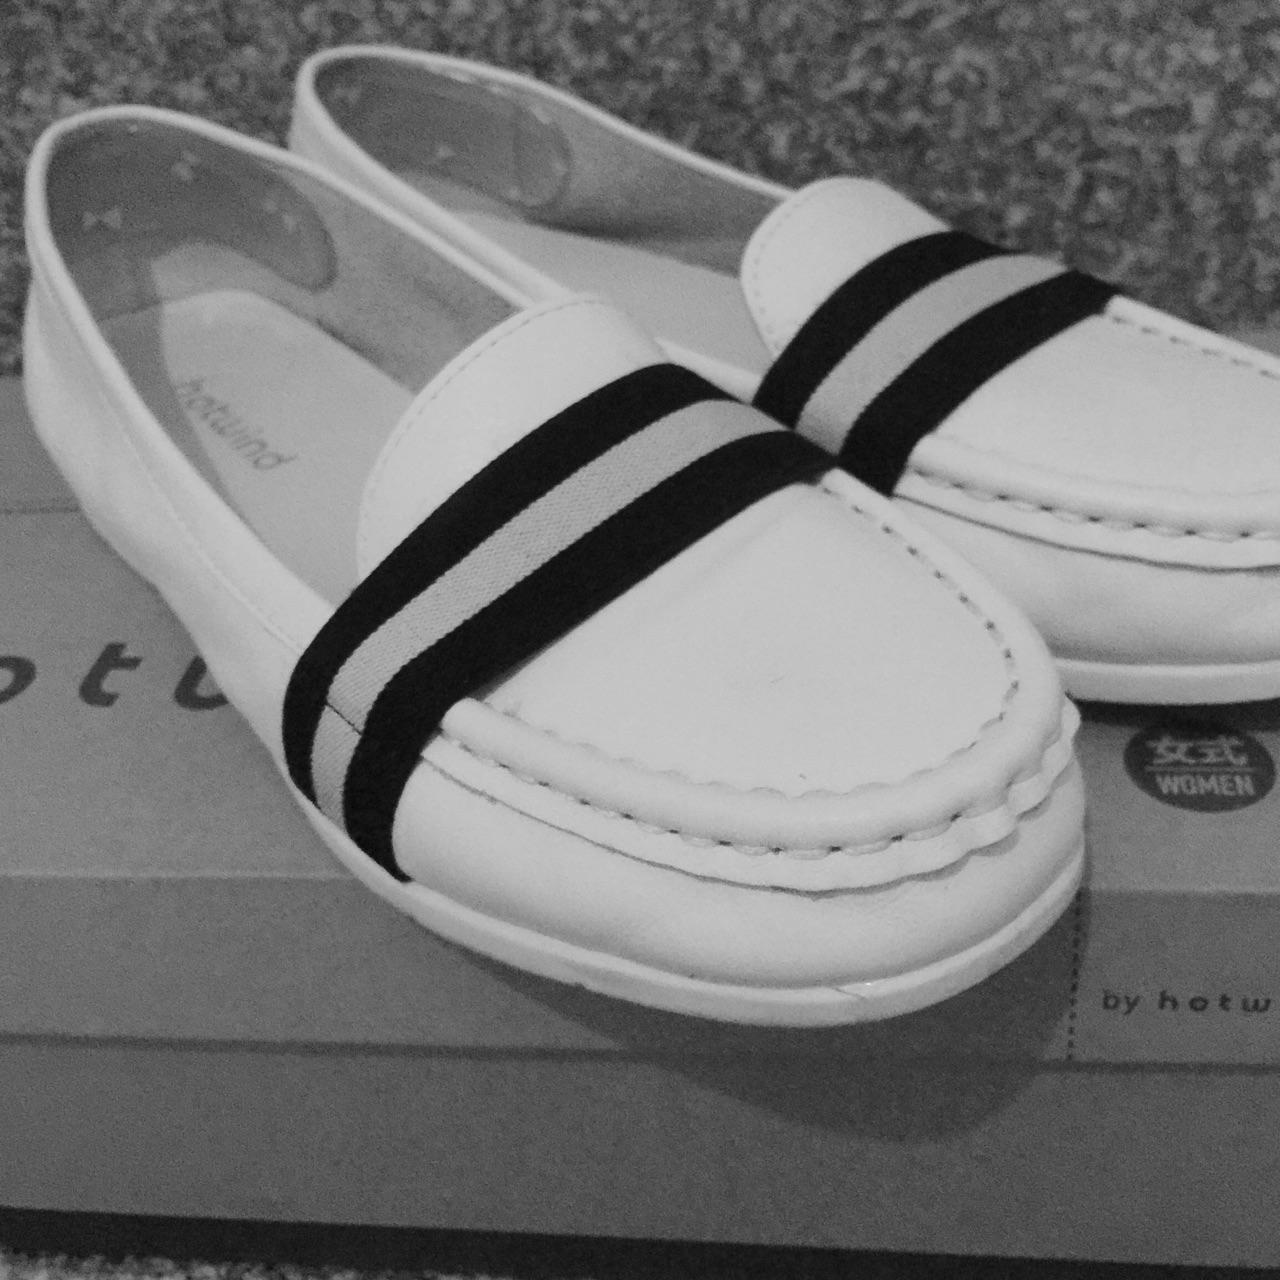 为什么上百的品牌单鞋跟普通几十块的鞋同样存